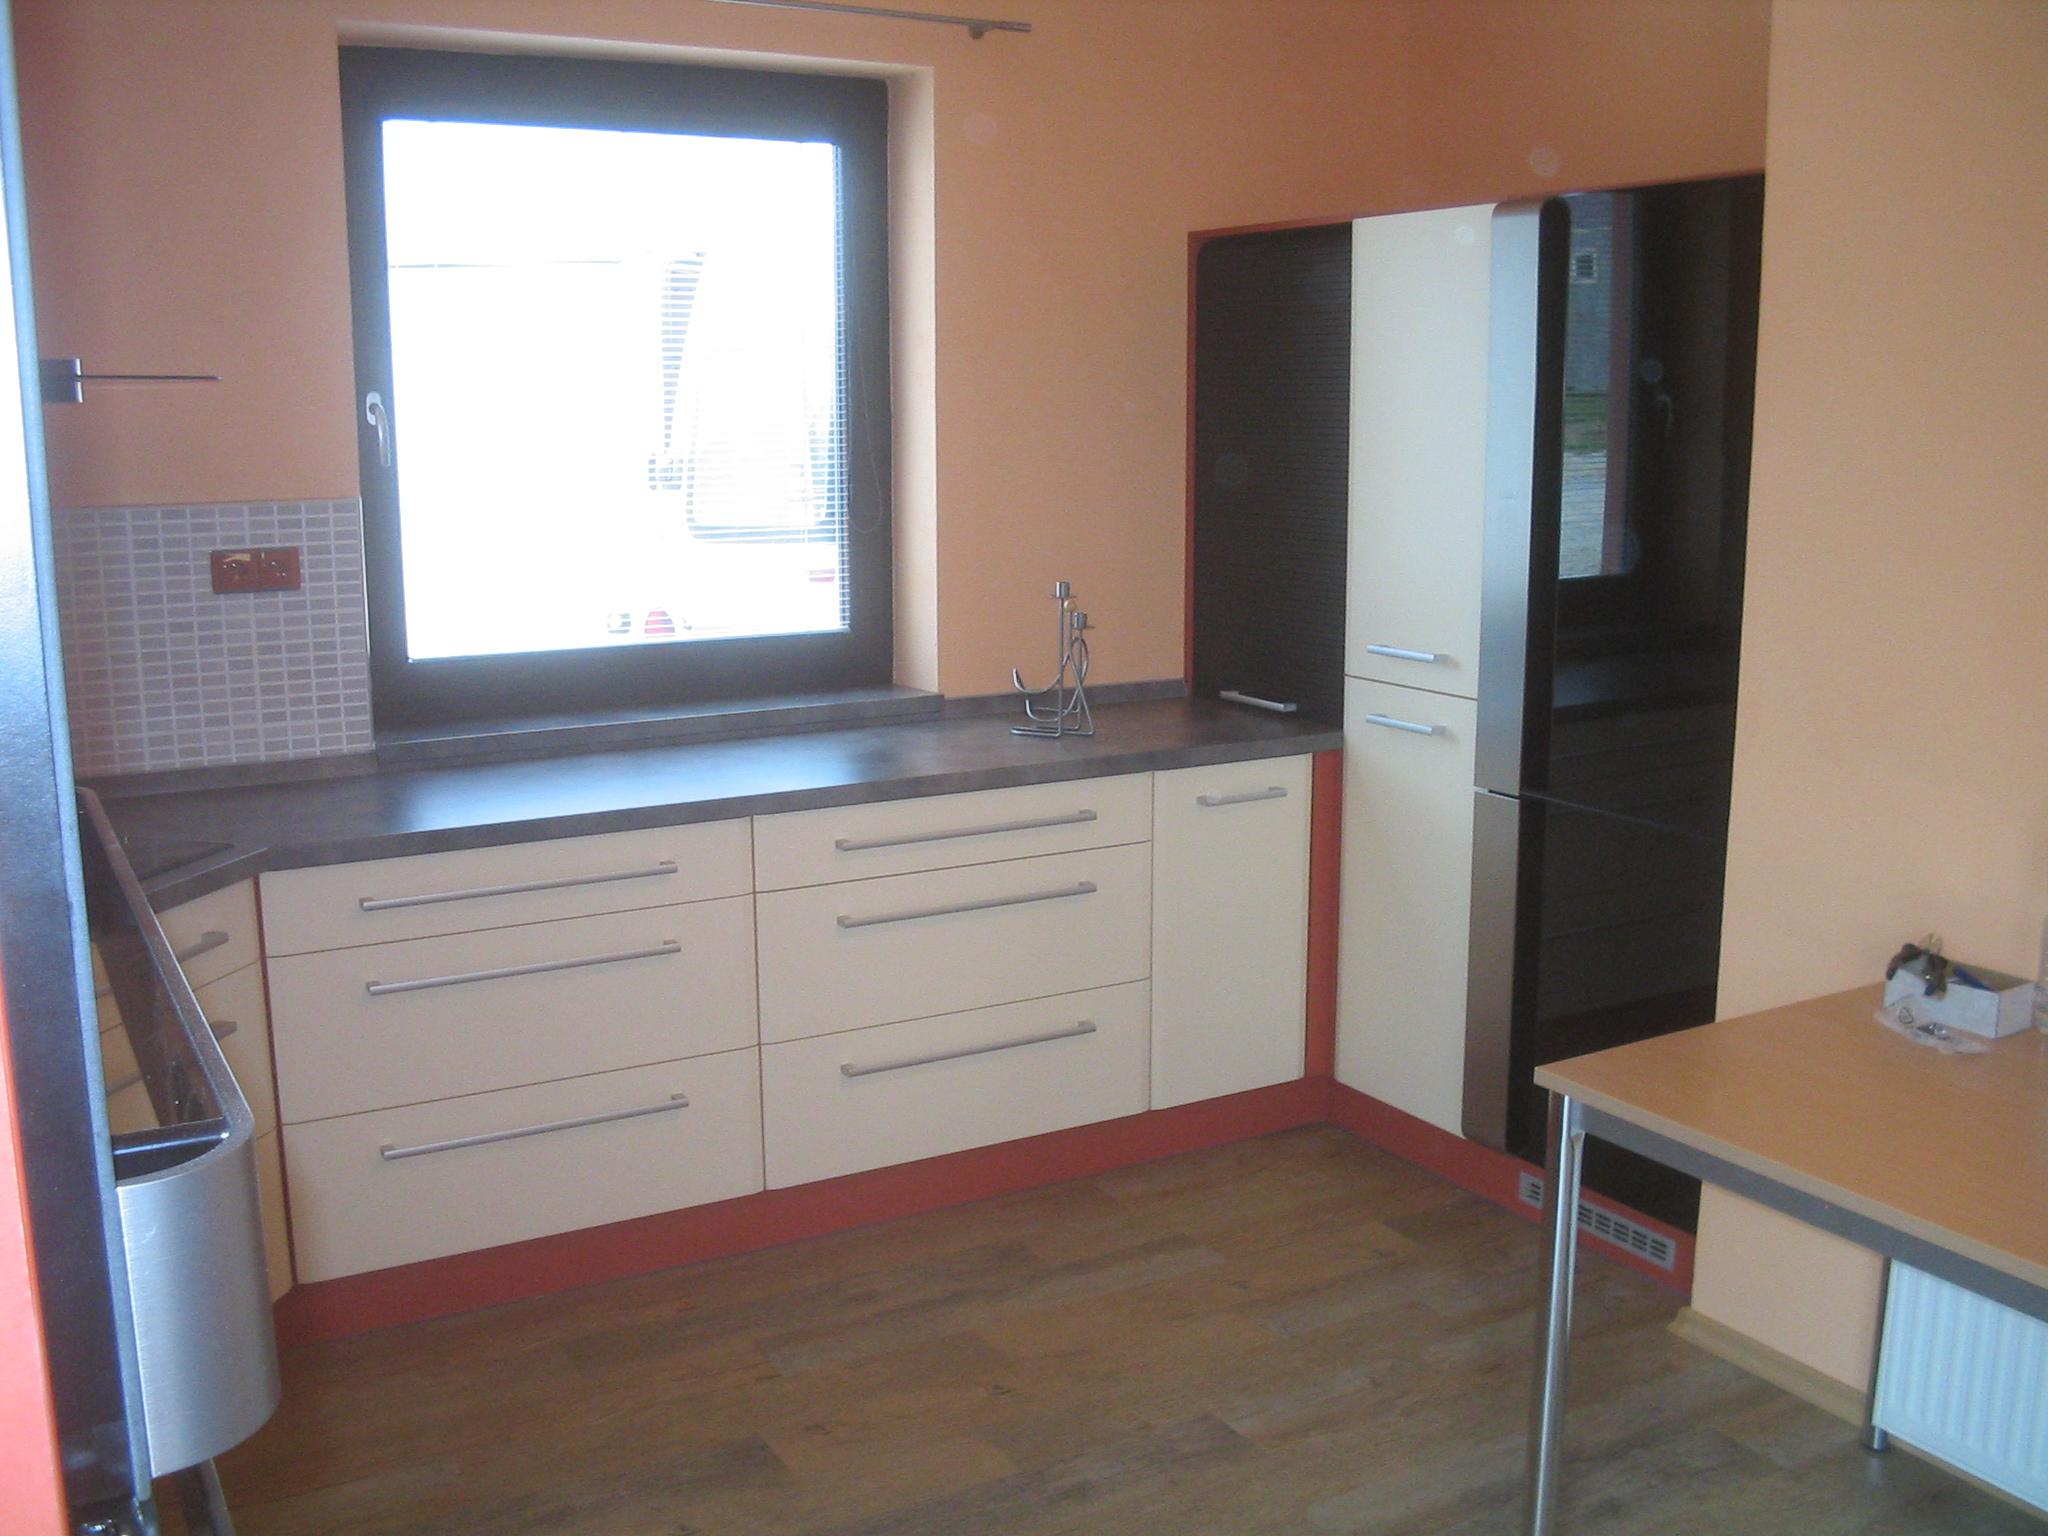 moderni kuchyne kuchynske linka Suhajek (480)